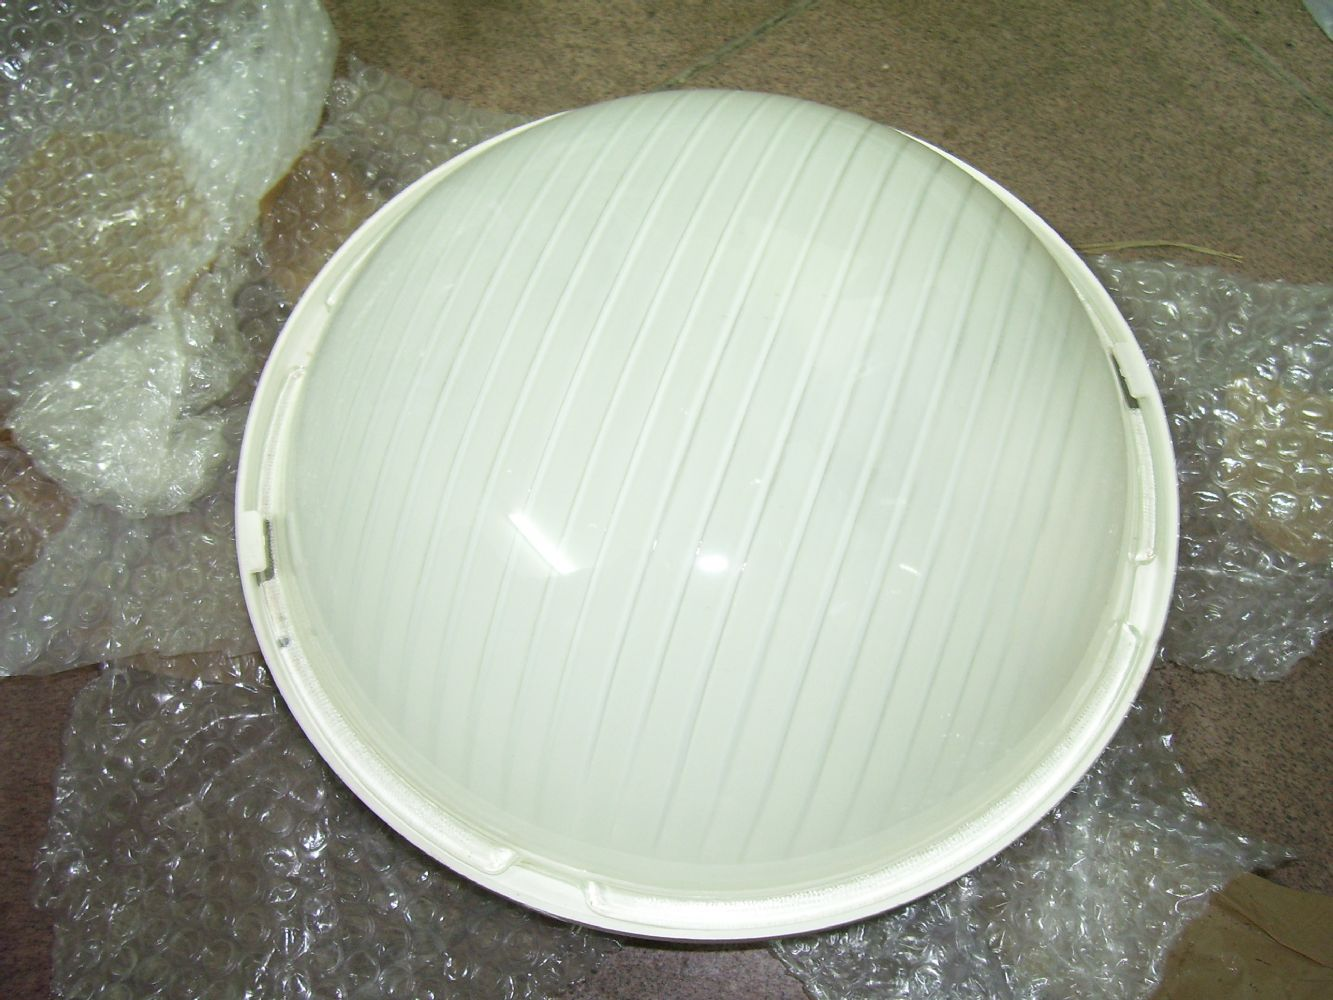 Plafoniere Per Balconi : Baratto scambio: plafoniera vetro attacco e27 [ arredamento